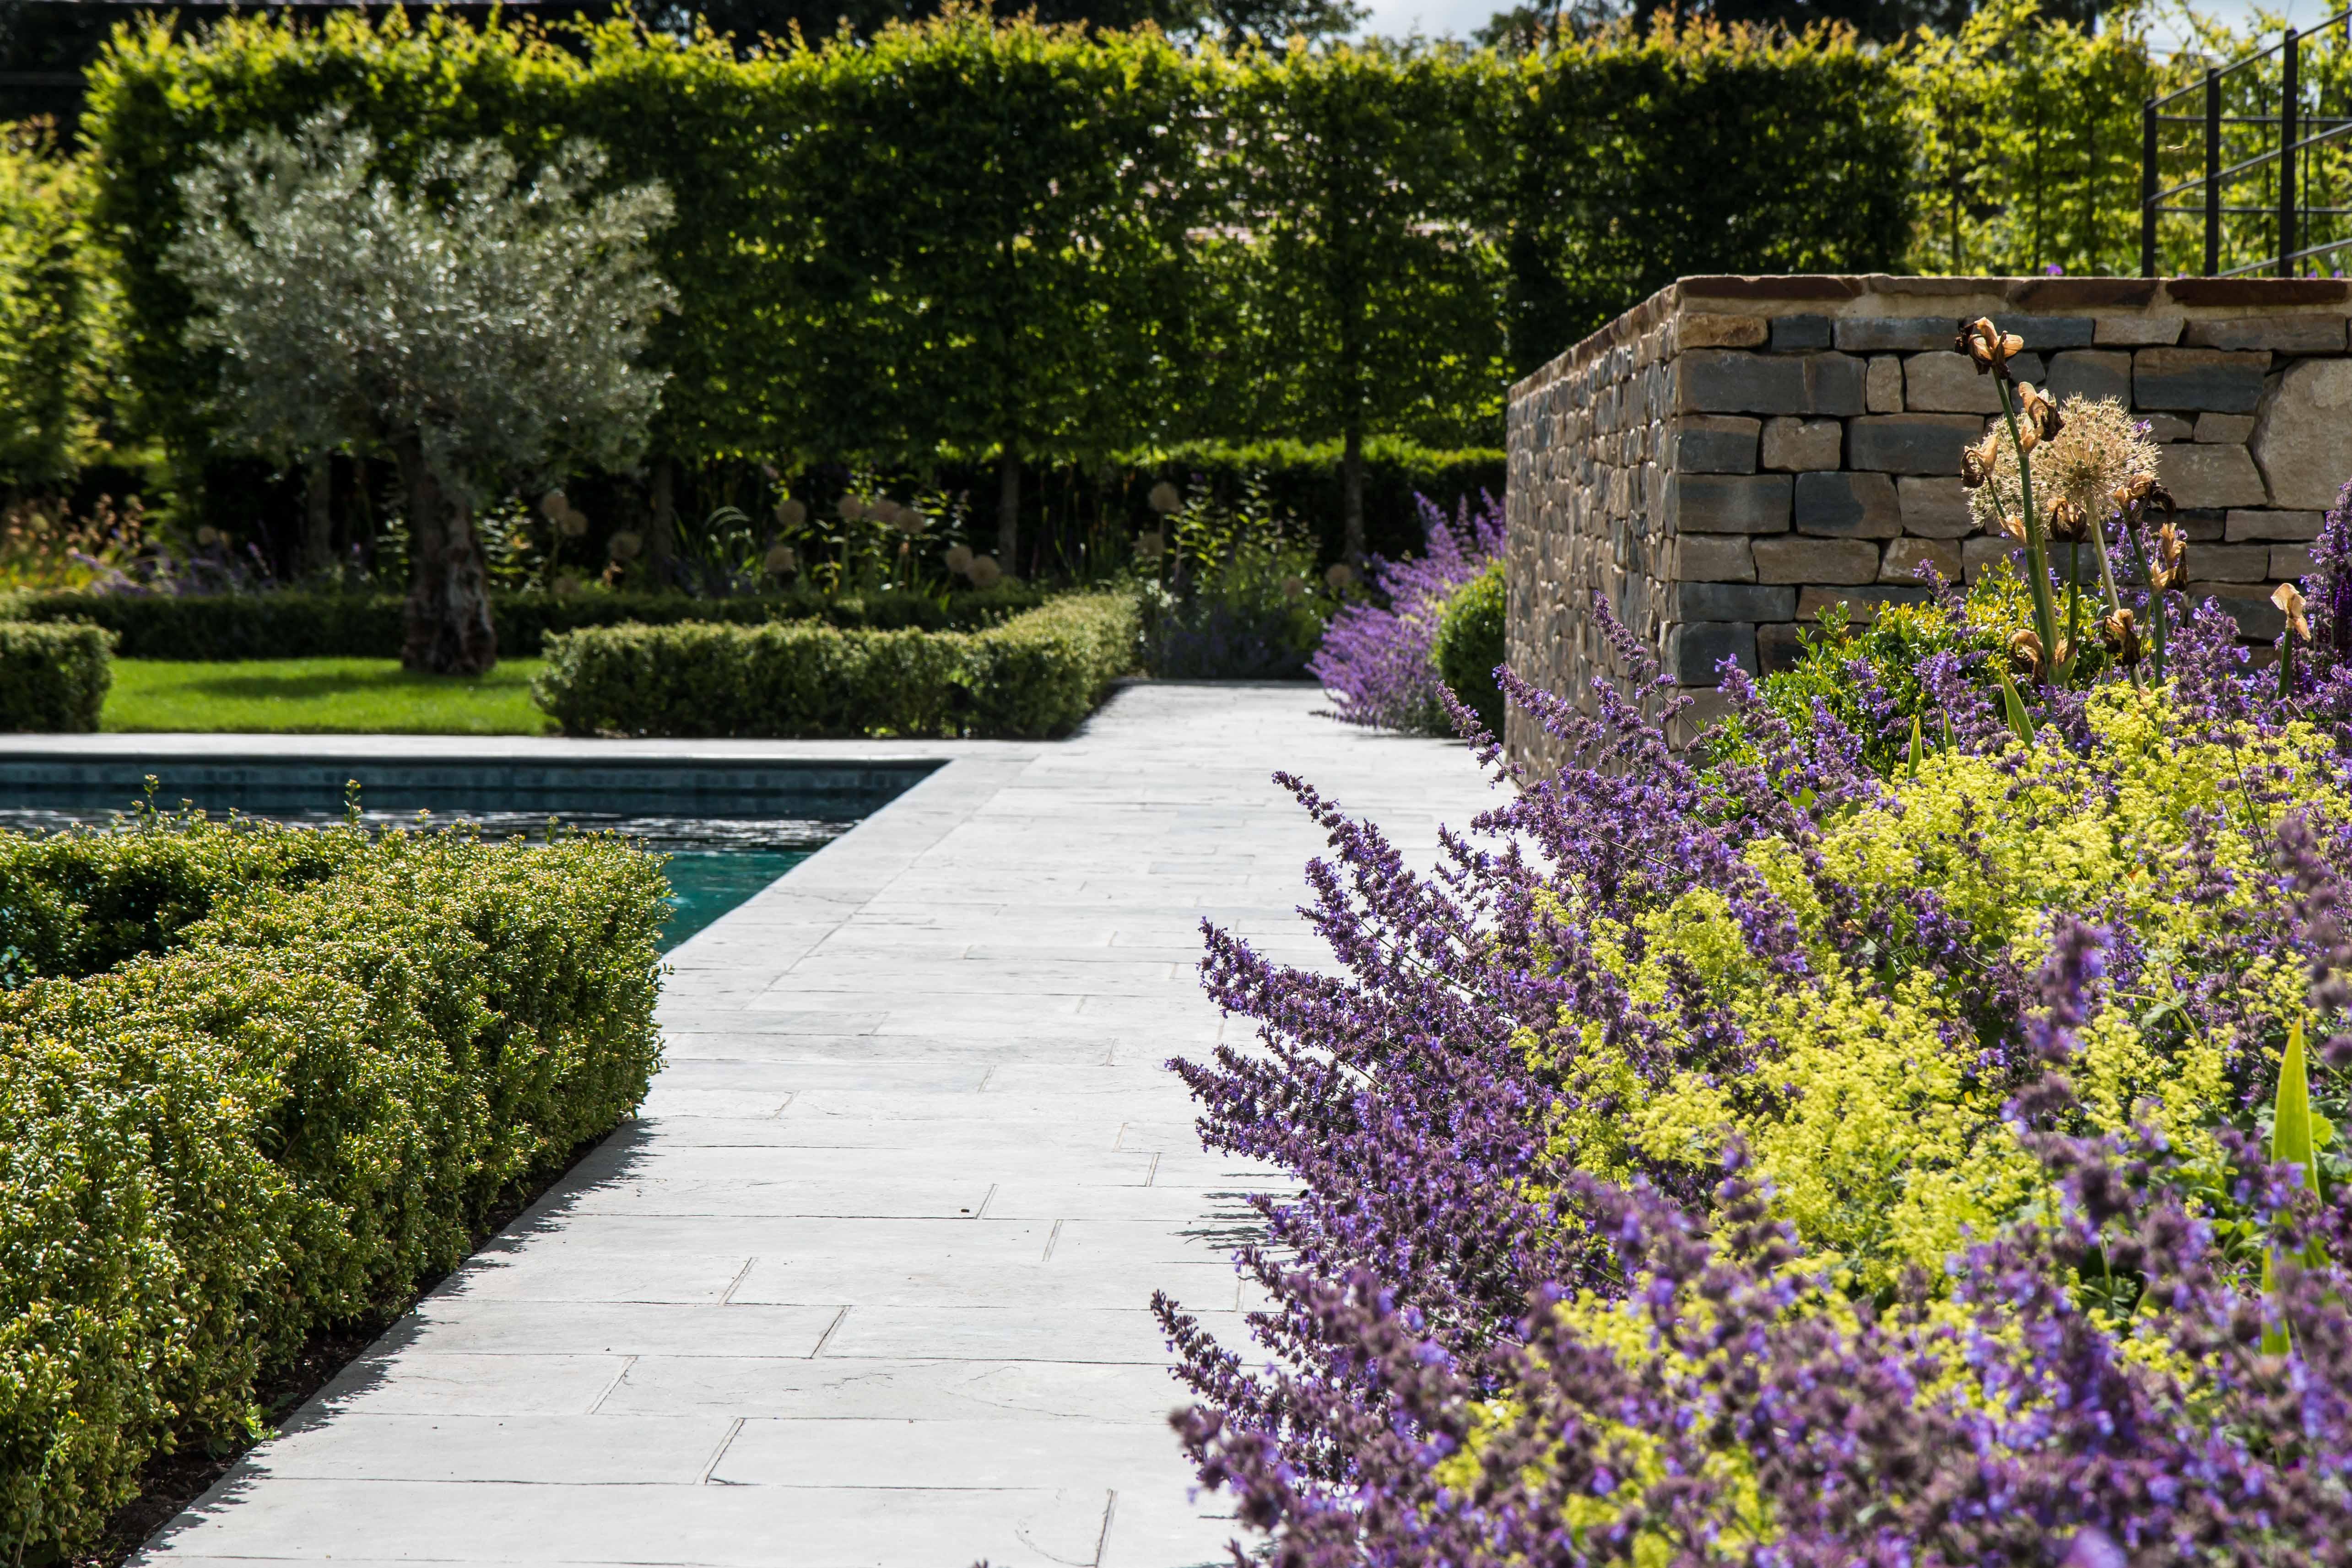 Arlesford Garden-5407 - PC Landscapes